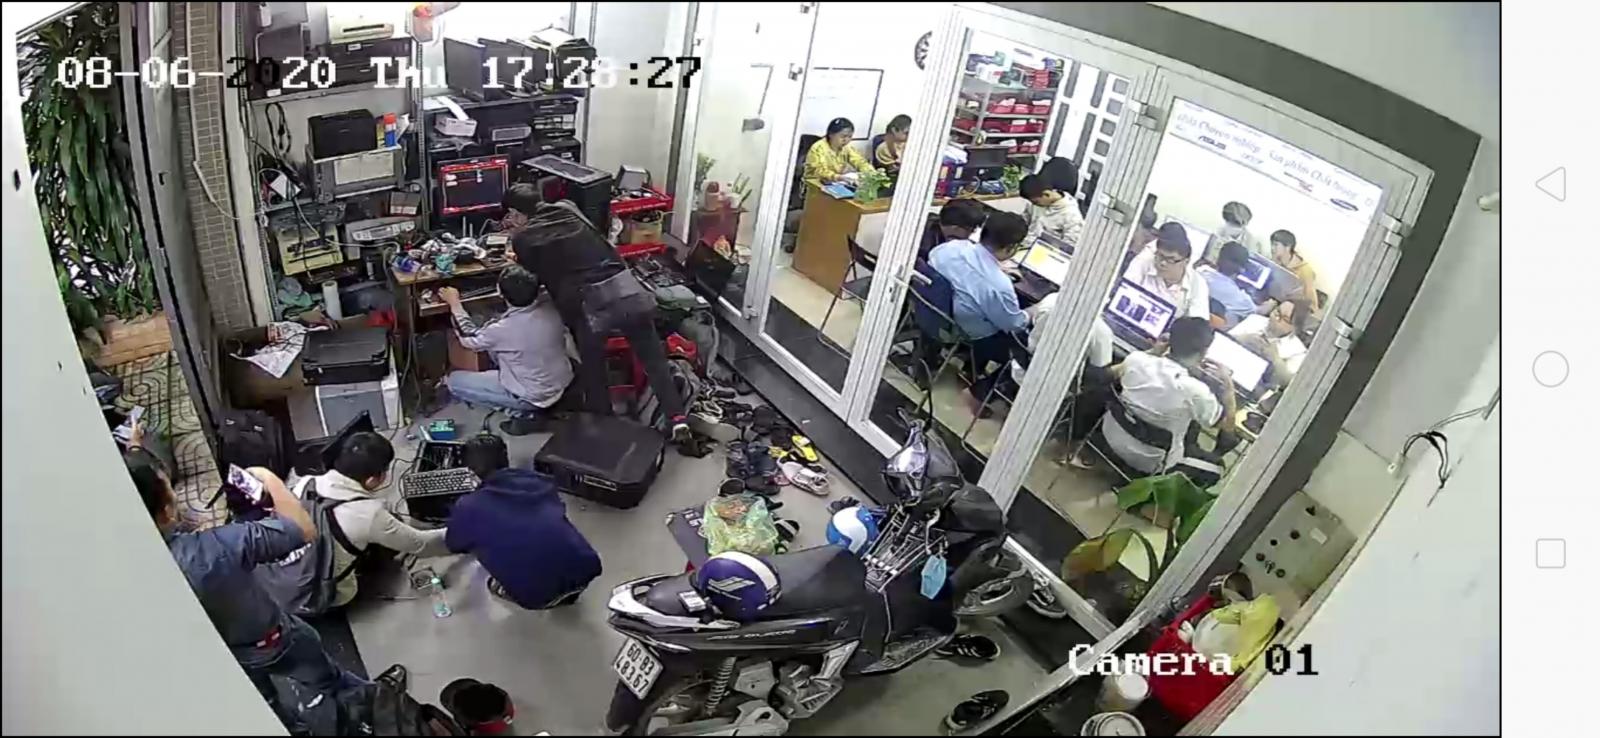 Công Ty Dịch Vụ Bảo Trì Máy Tính Tận Nơi Quận Phú Nhuận Uy Tín Nhanh